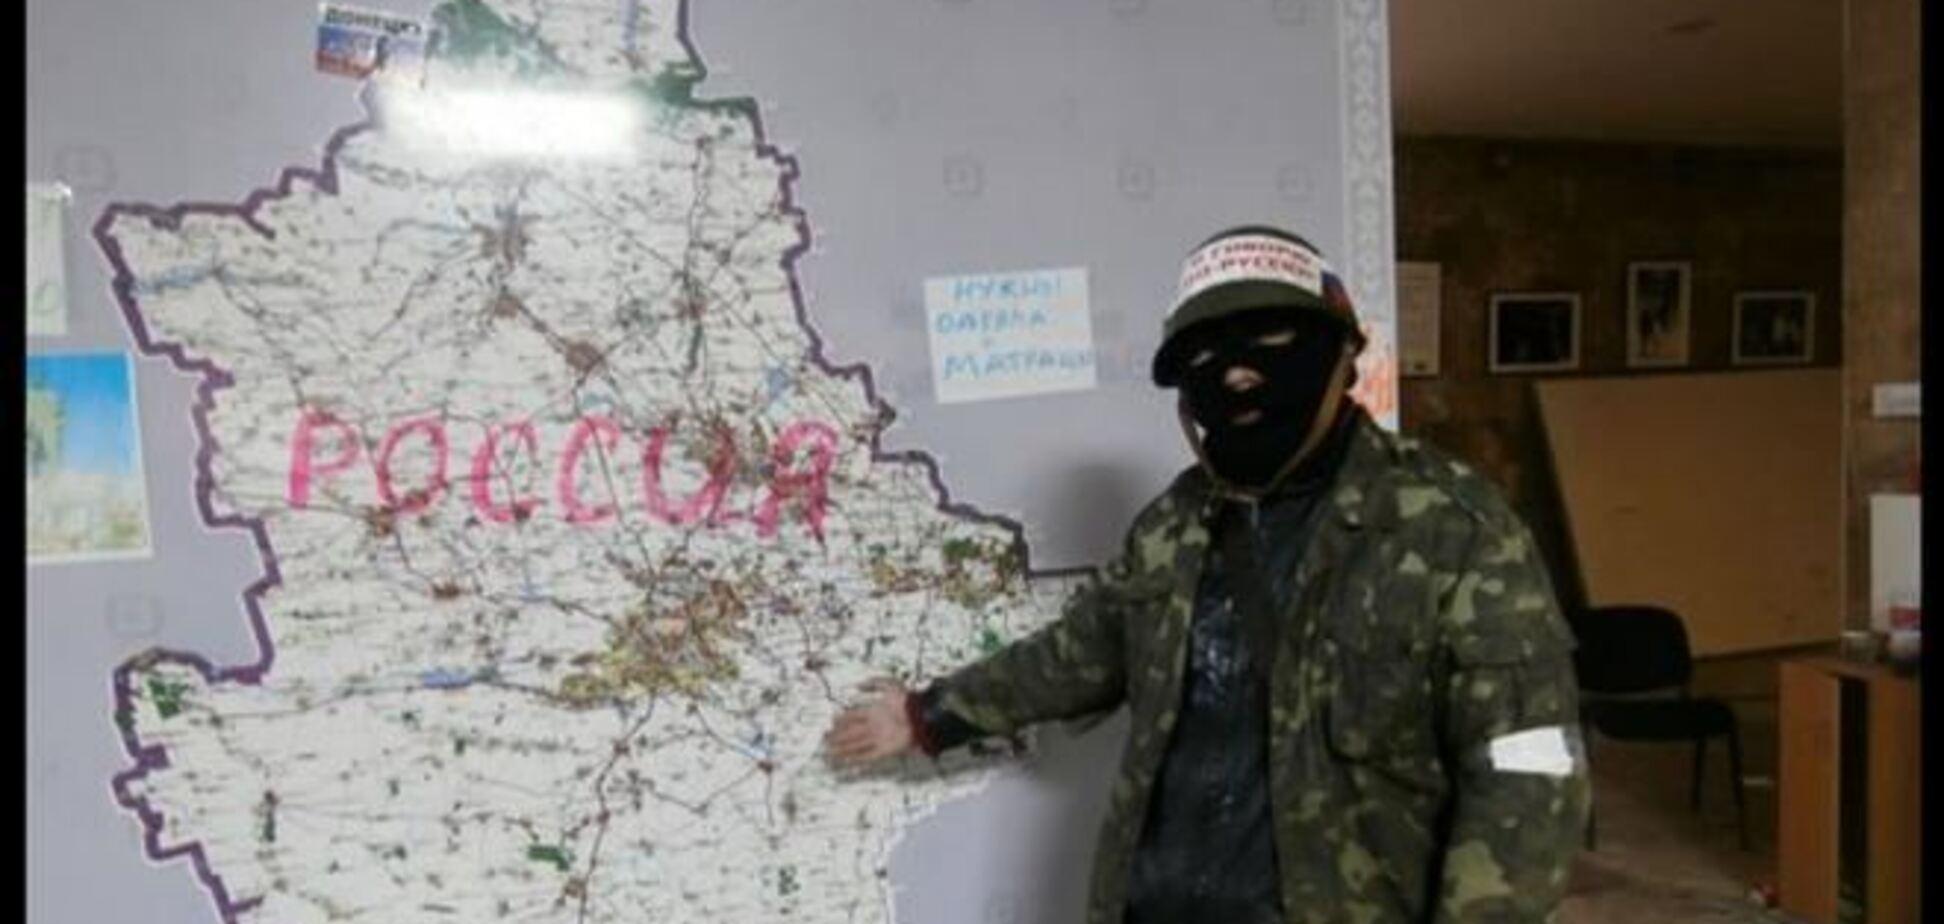 Обнародована переписка, подтверждающая связь донецких сепаратистов с Москвой